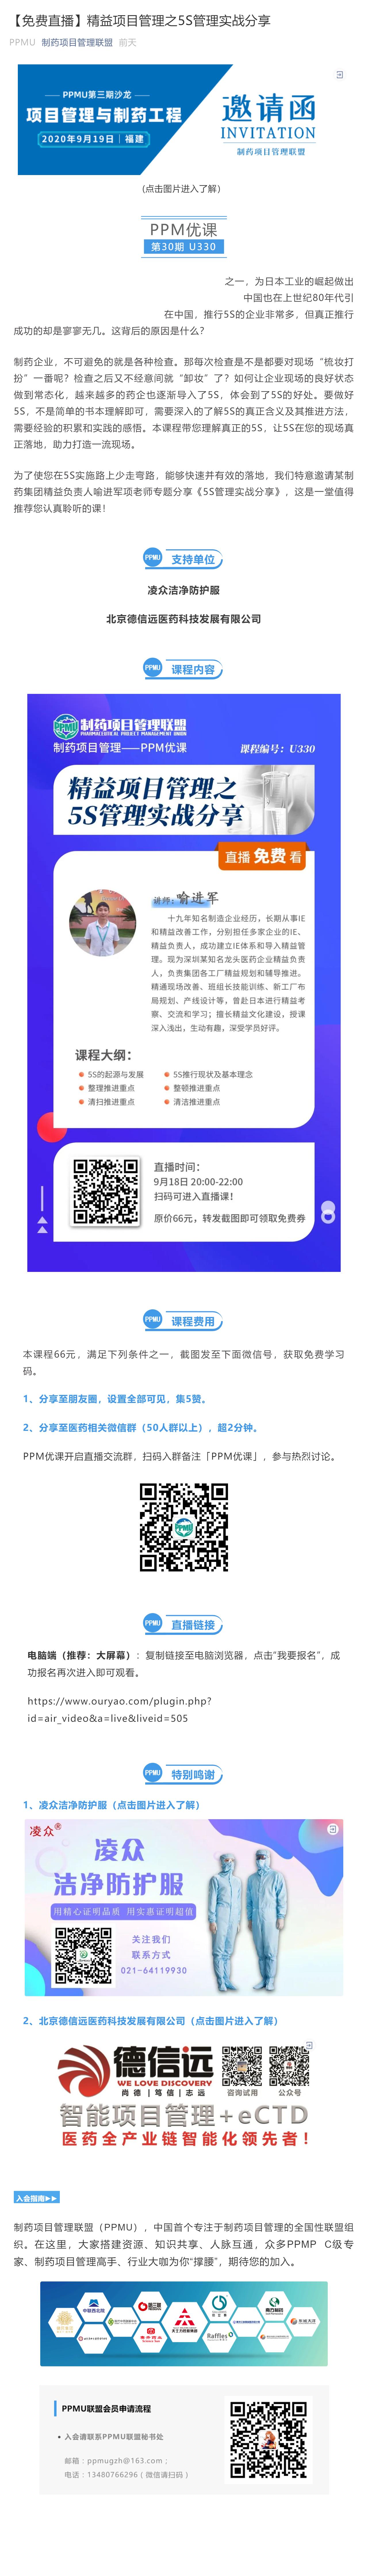 【免费直播】精益项目管理之5S管理实战分享_壹伴长图1.jpg